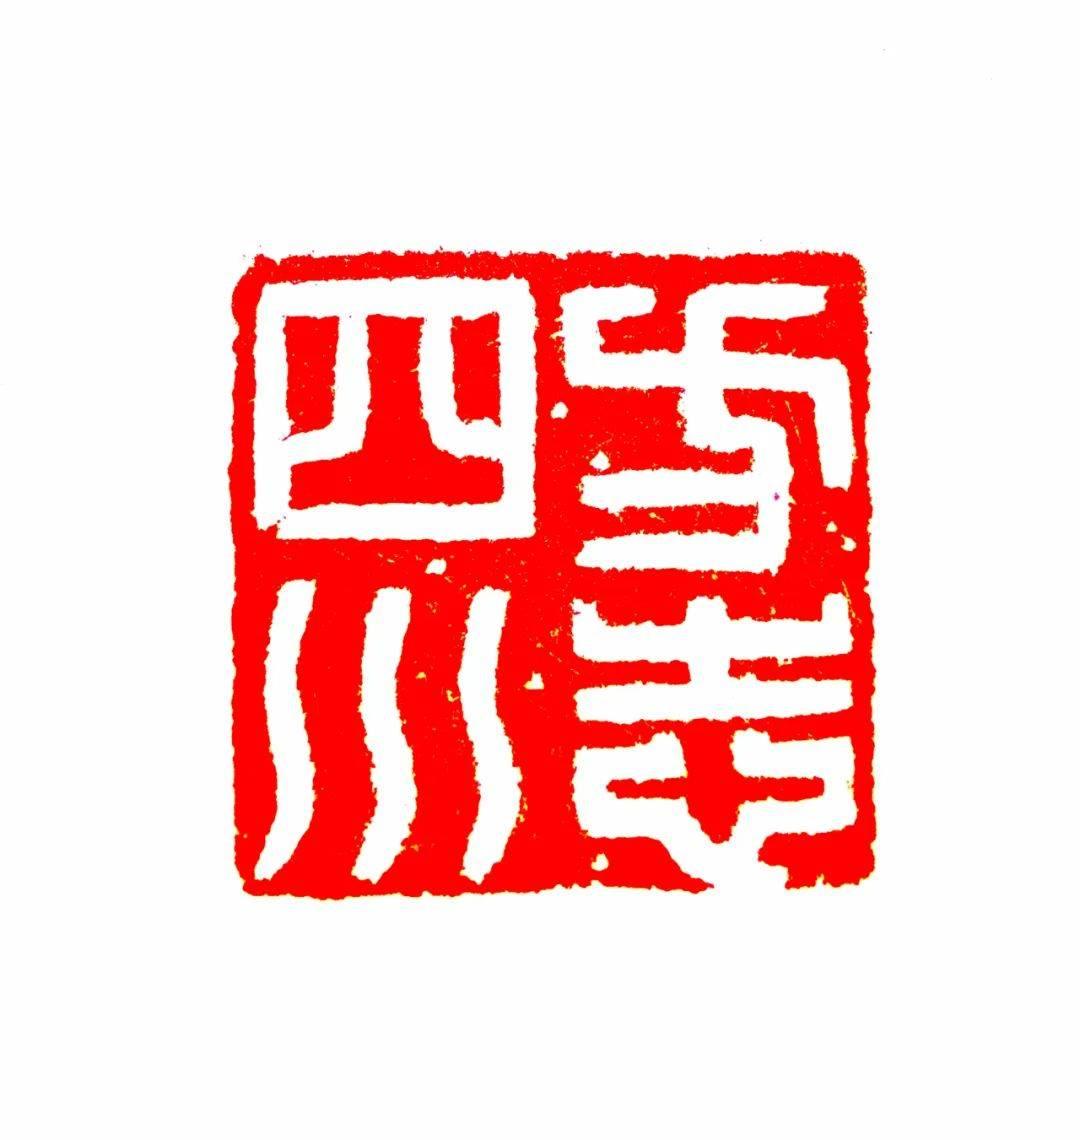 【方志四川•红色文化】杜礼茂 ‖ 格勒得沙共和国:中国革命史上第一个藏族人民革命政权